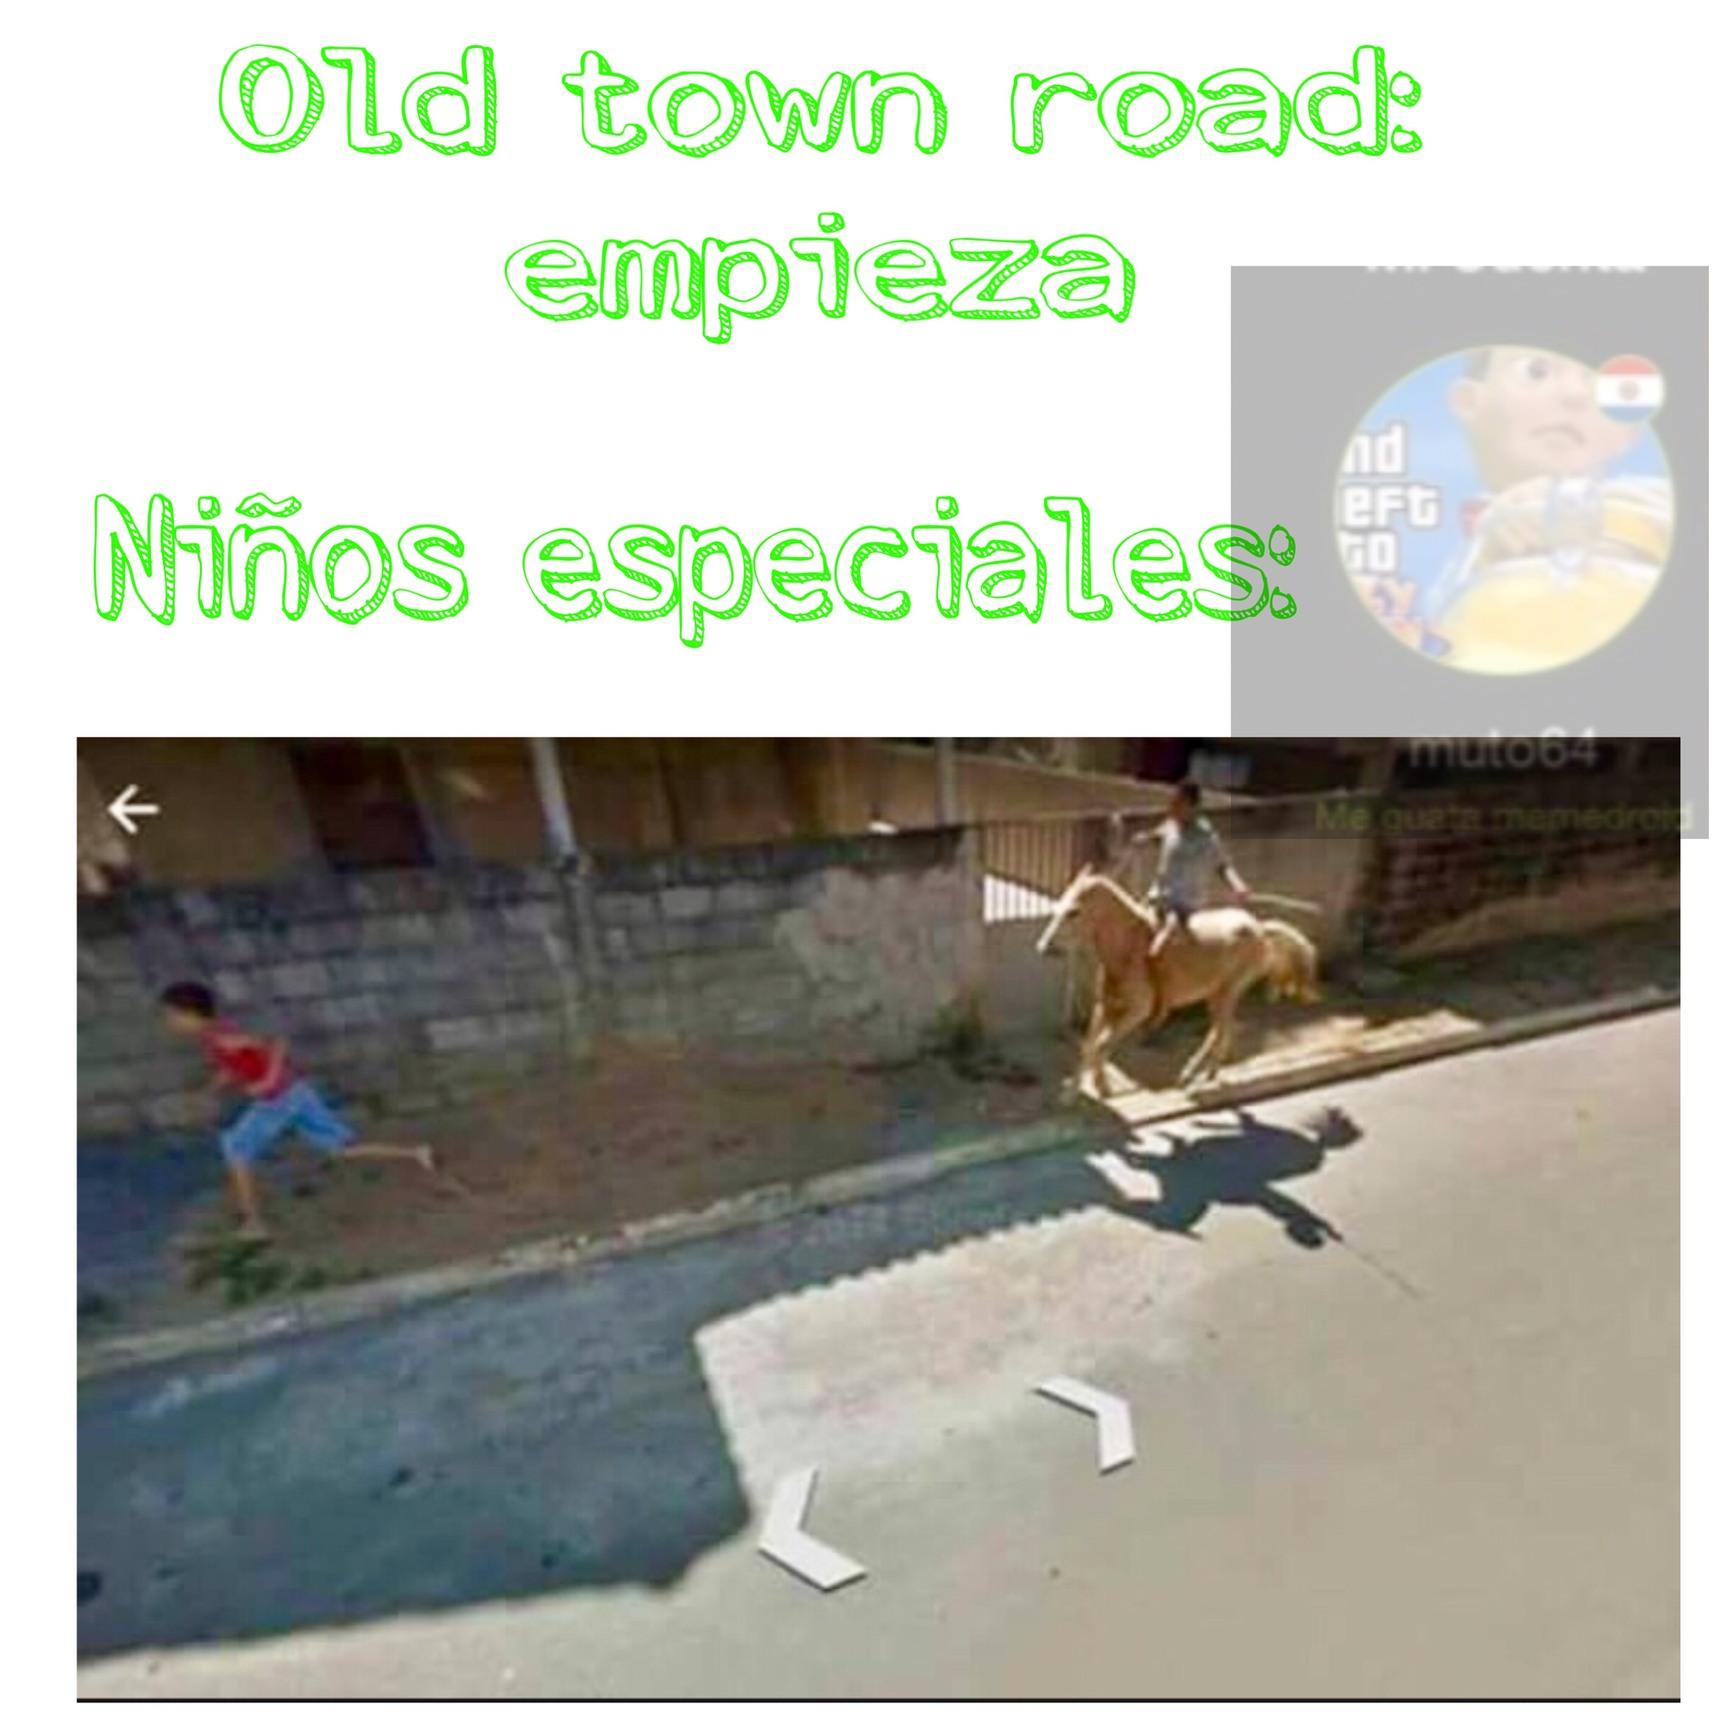 Mob quiero ofender a los niños especiales - meme